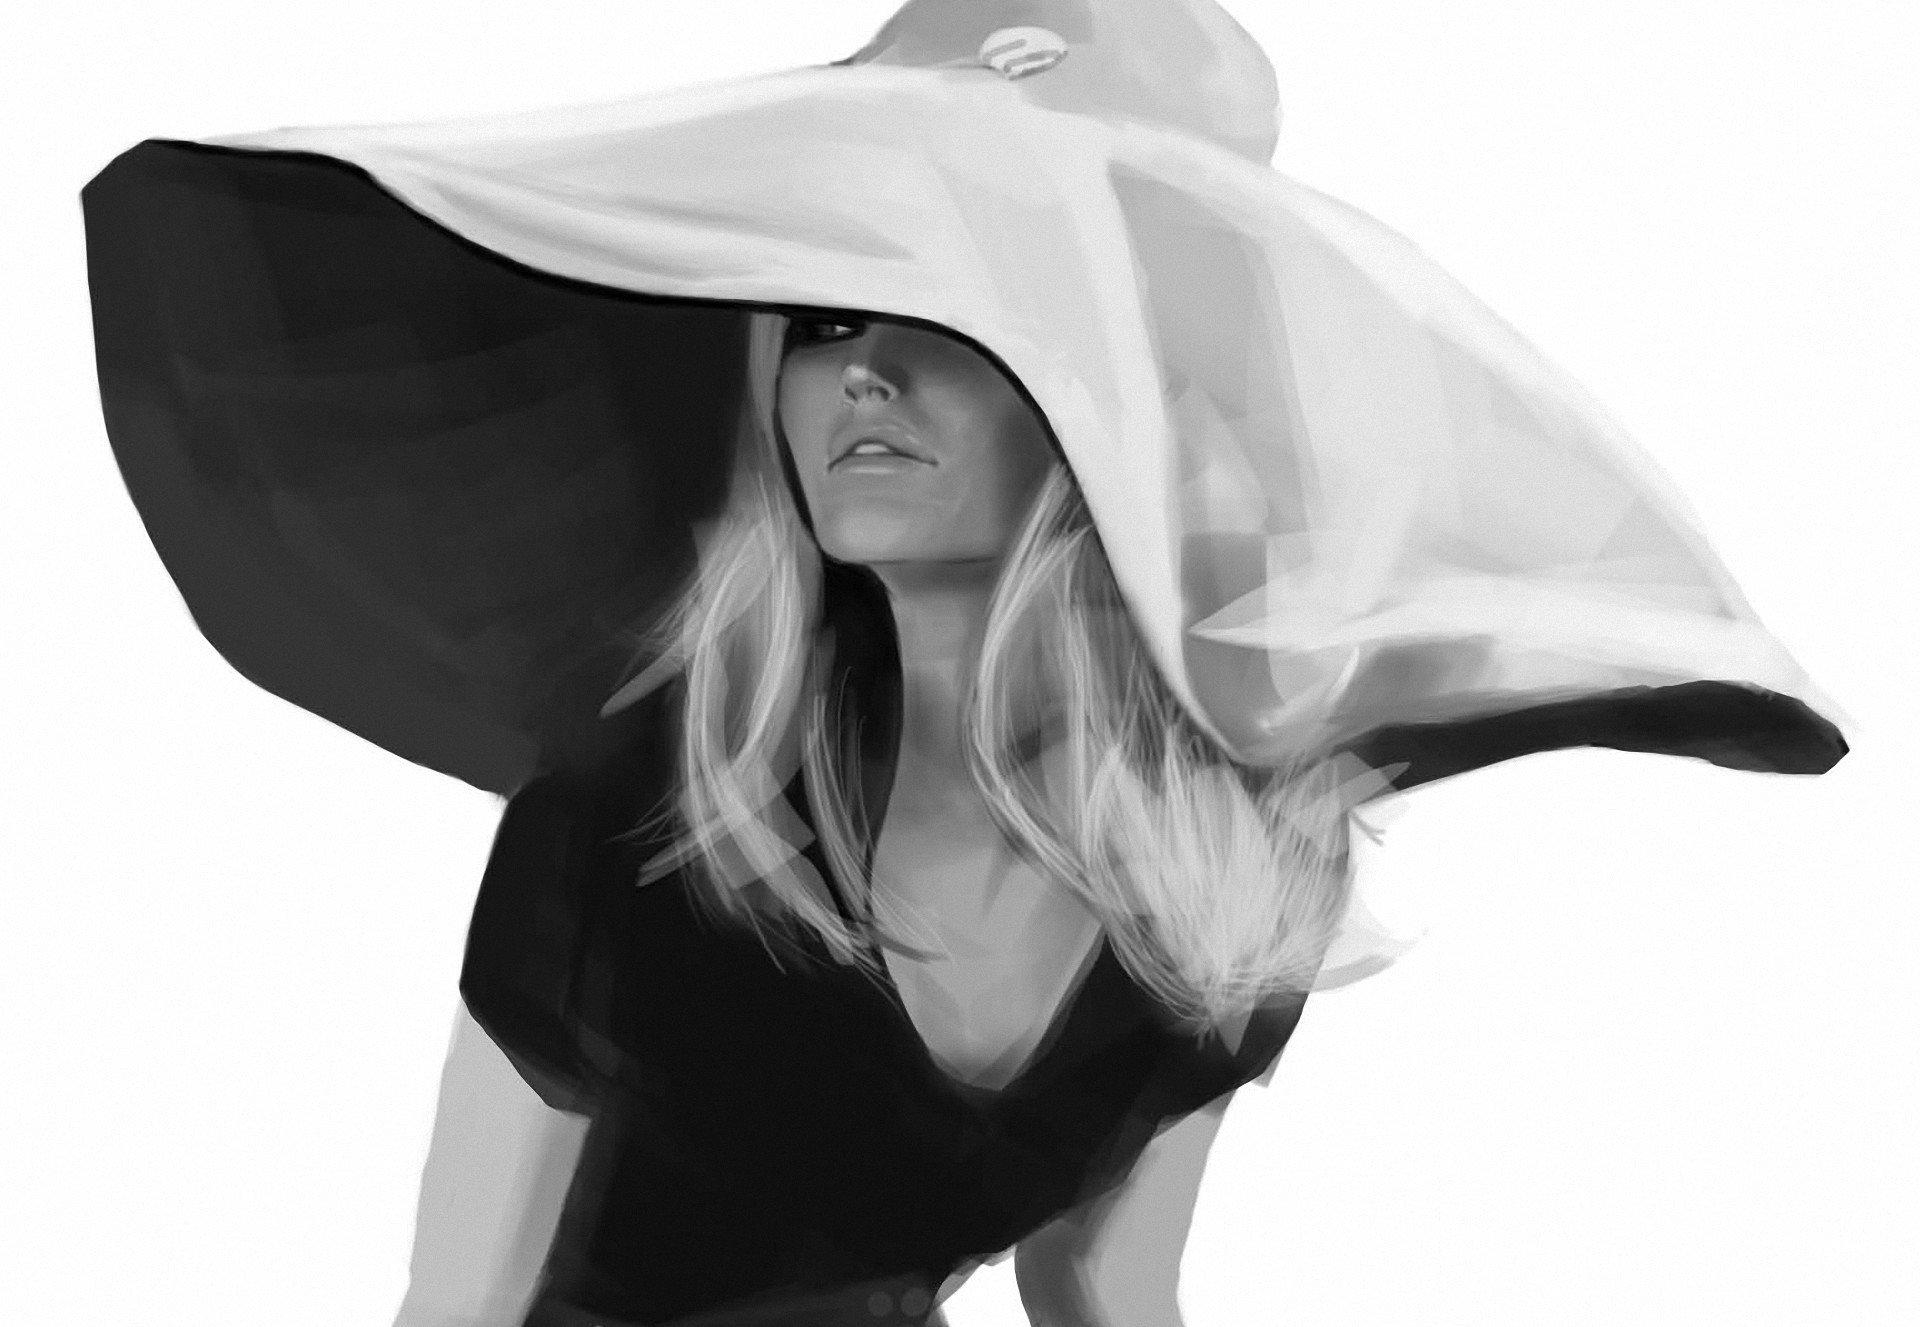 Девушка в шляпе картинки черно белые, веселый апельсин